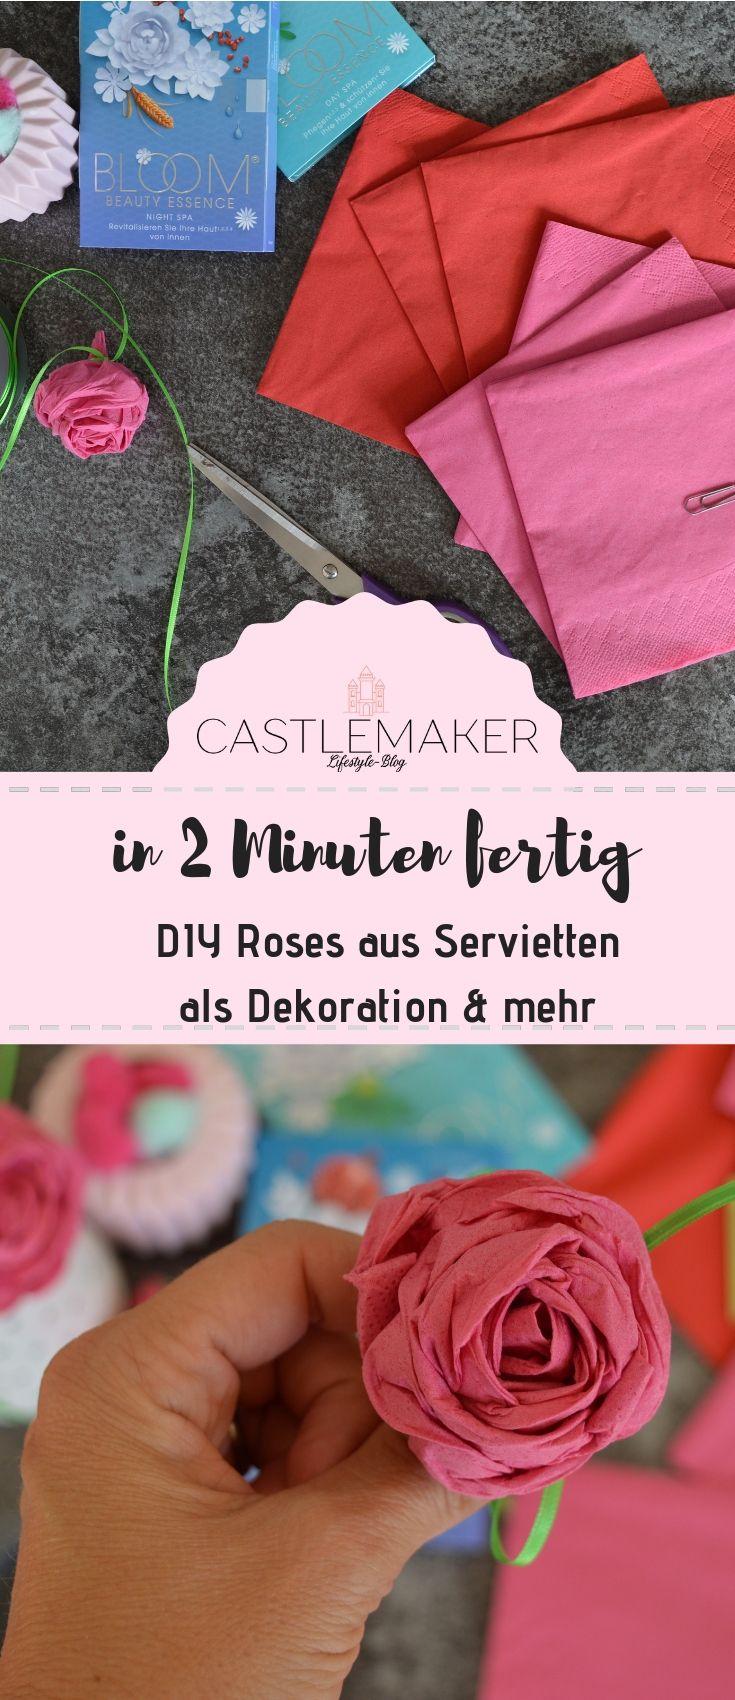 Bloom Beauty Essence Erfahrungen Und Diy Rosen Aus Servietten